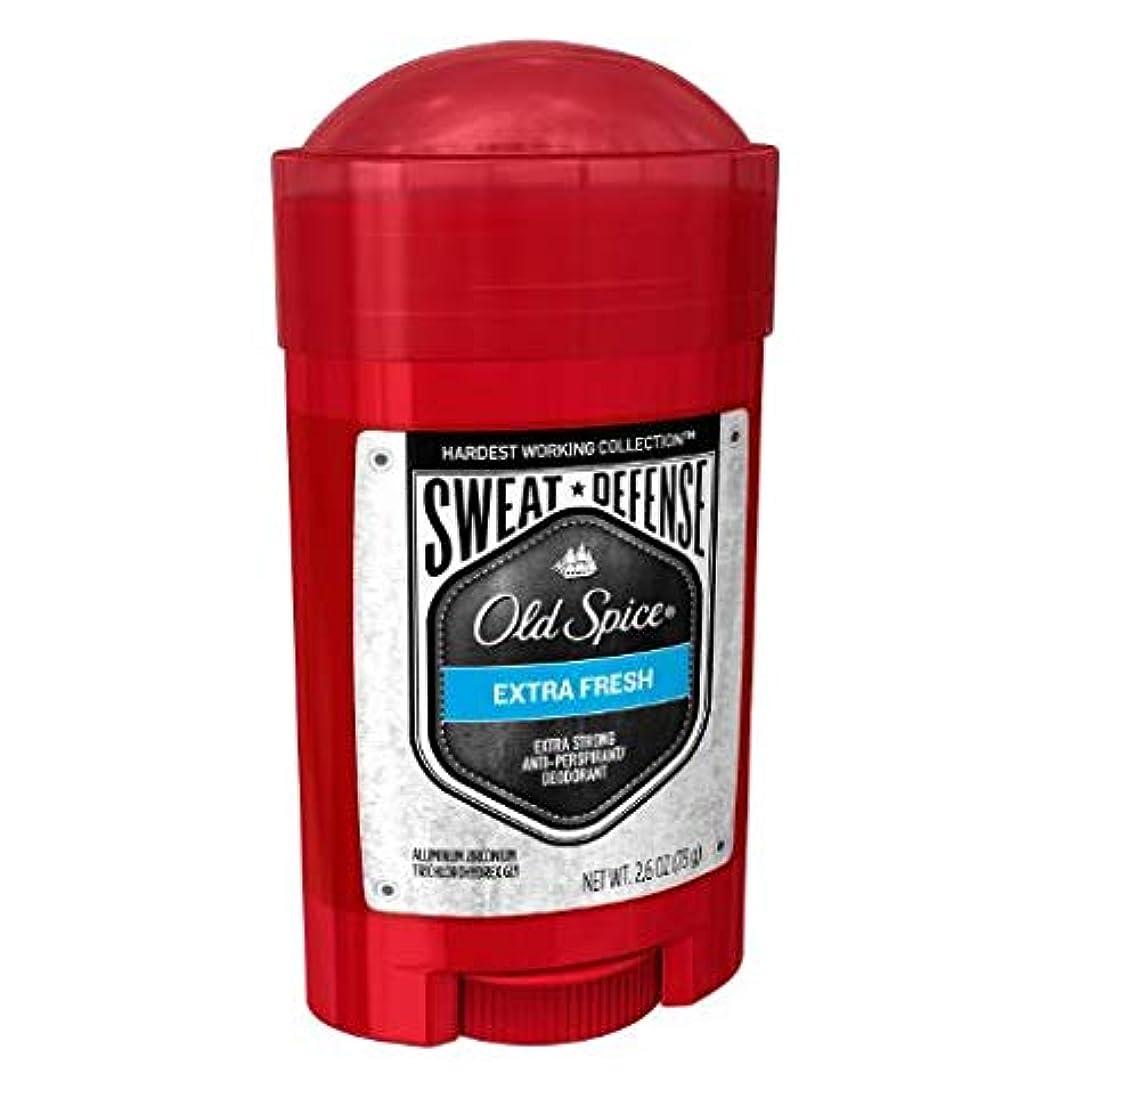 監査シャツ結び目Old Spice Hardest Working Collection Sweat Defense Extra Fresh Antiperspirant and Deodorant - 2.6oz オールドスパイス ハーデスト...